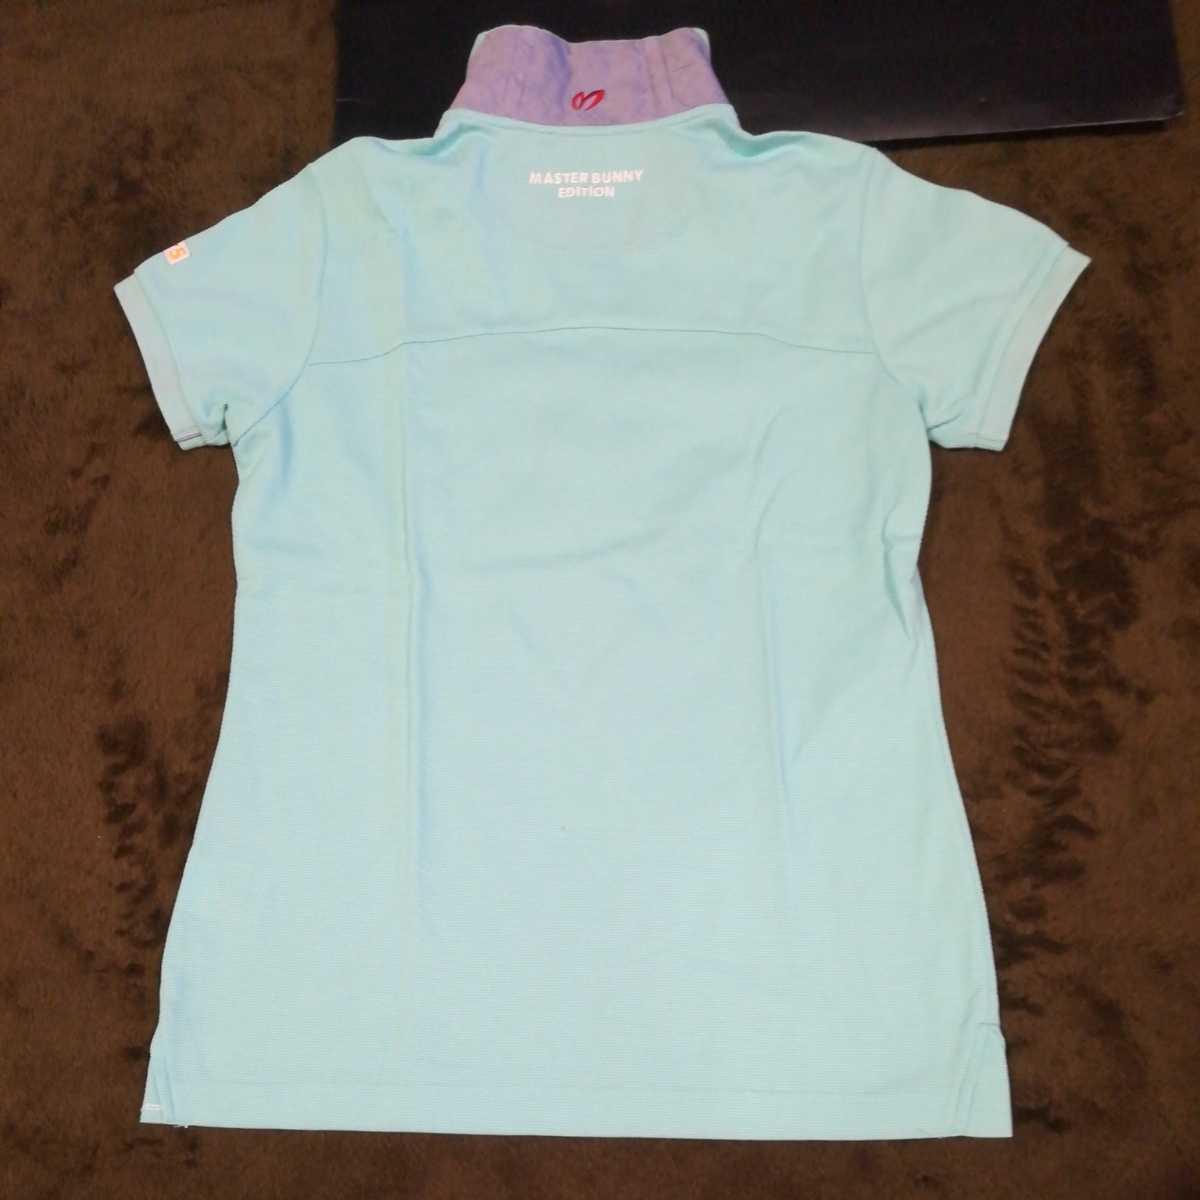 中古 正規品 マスターバニー パーリーゲイツ サイズ2 高品質エアロタッシェ素材 高機能 ポロシャツ 2枚セット 送料無料_画像8